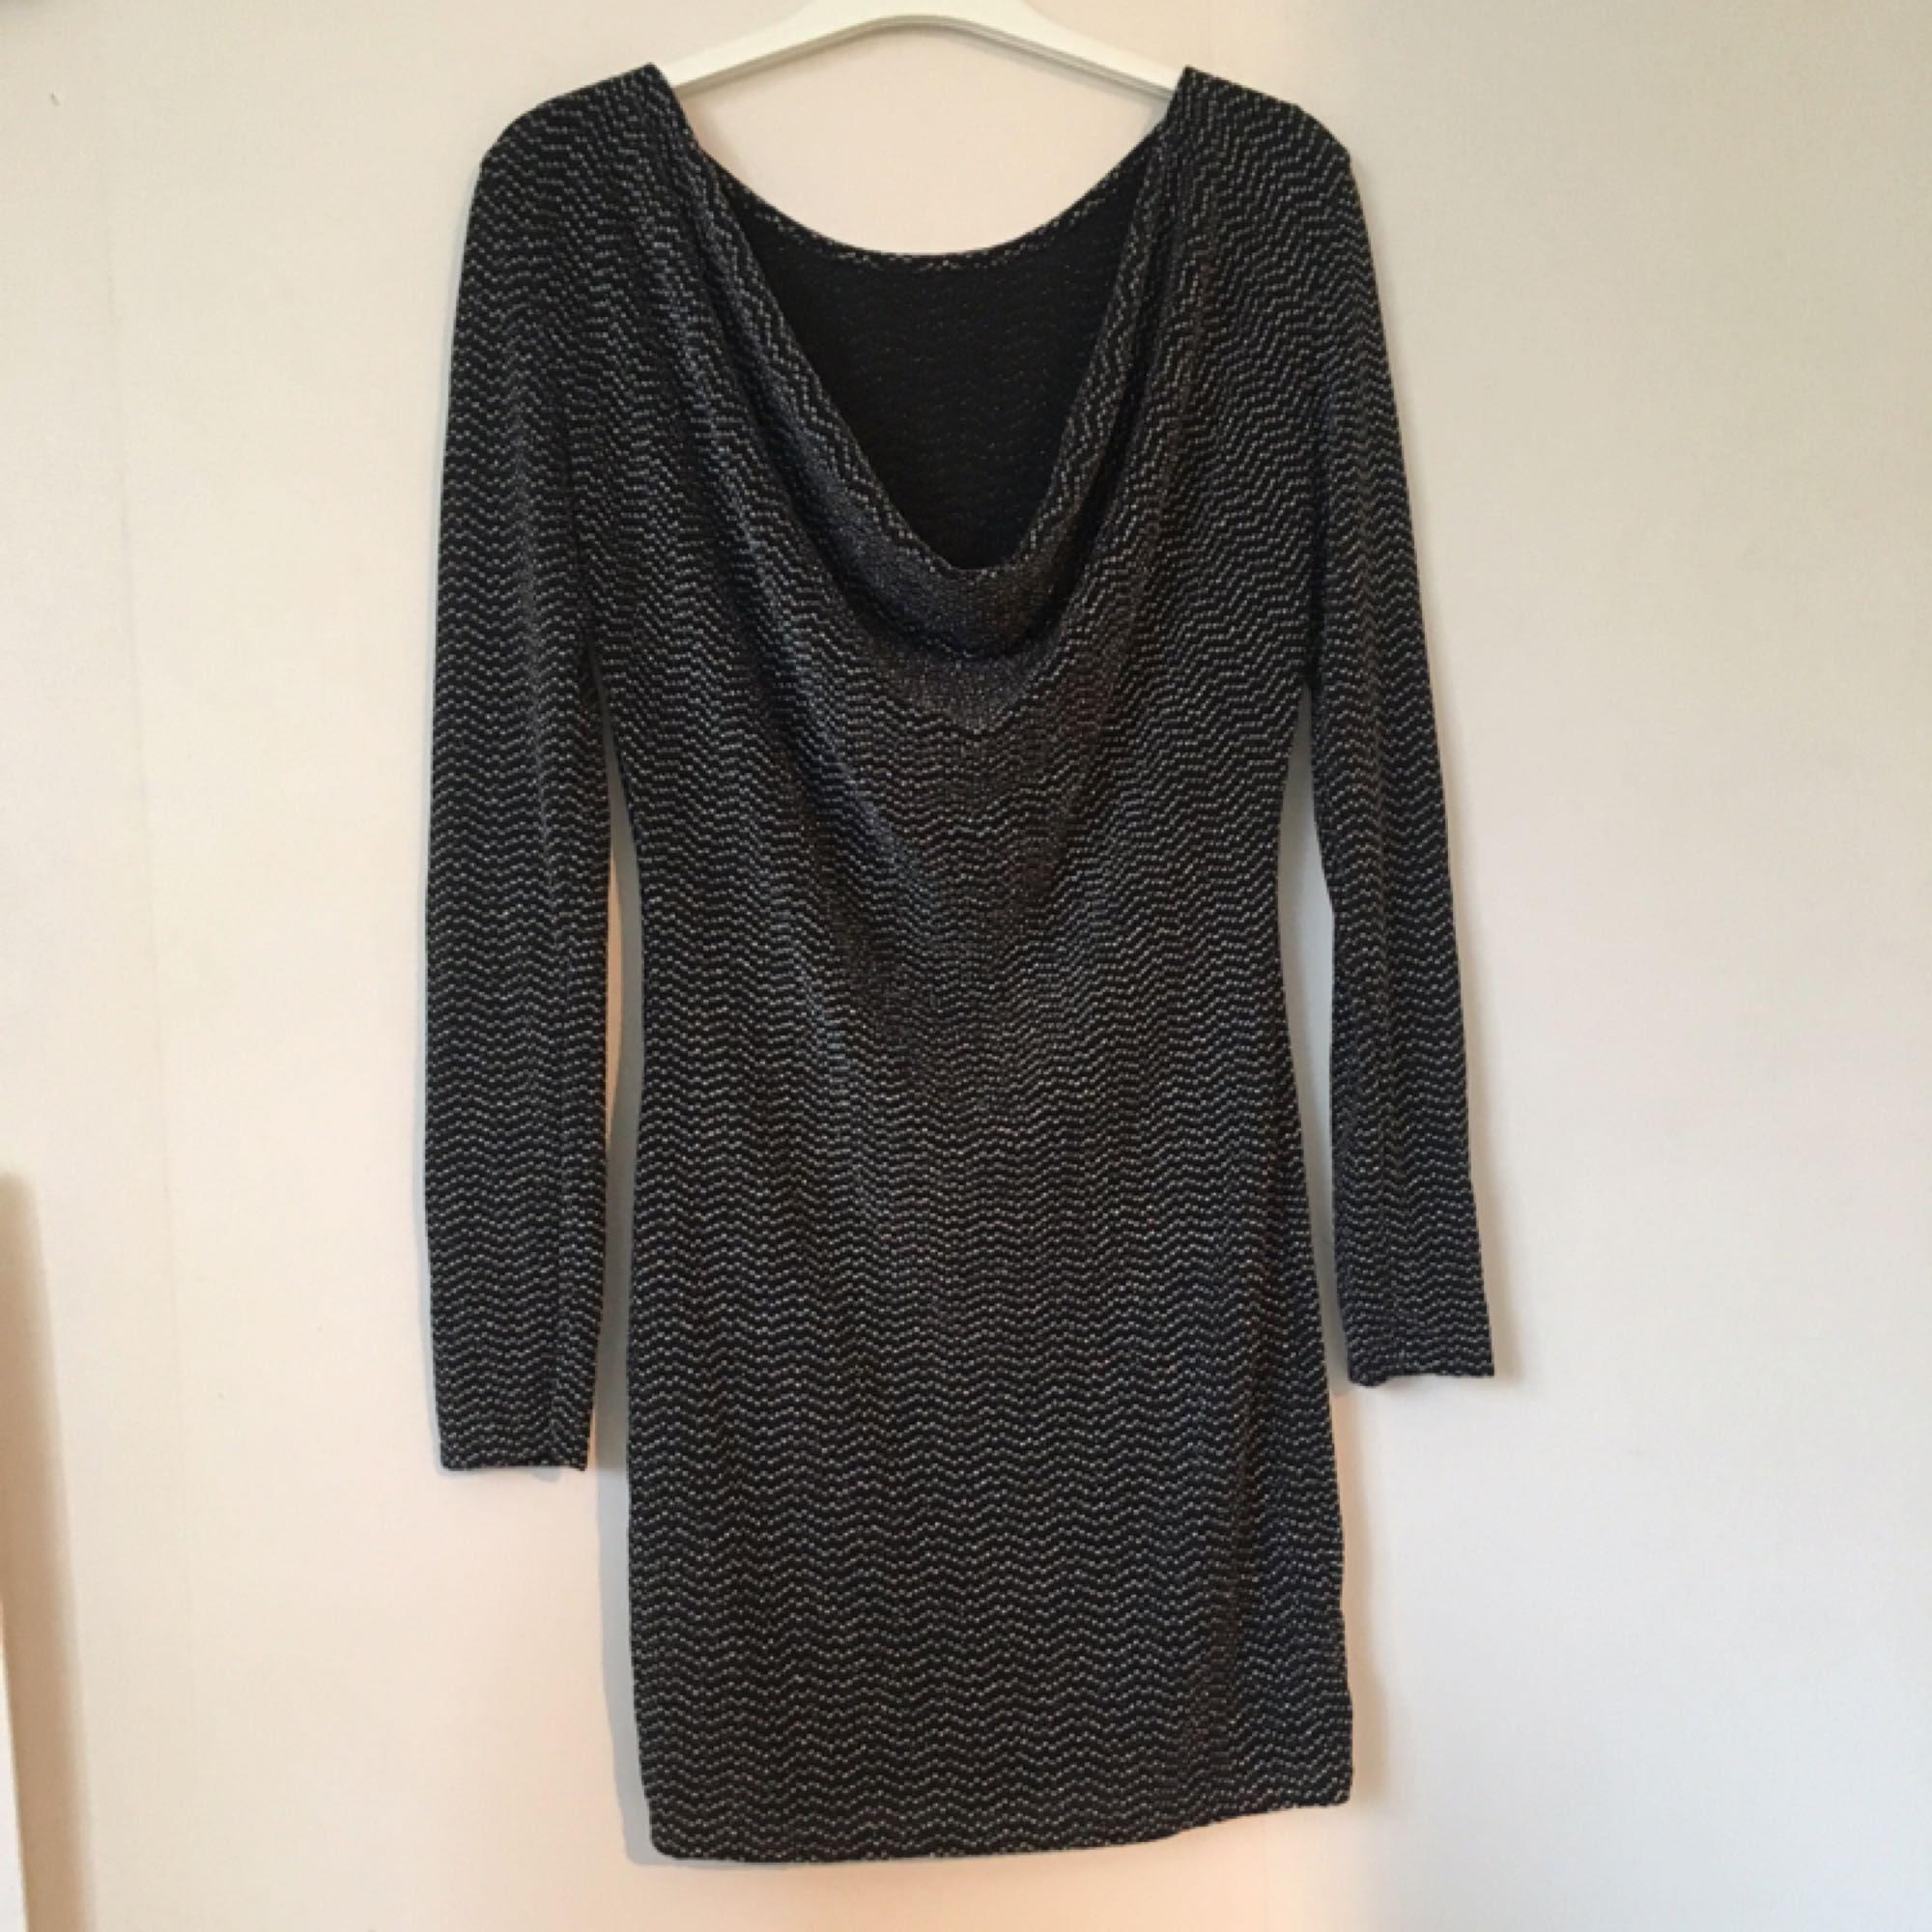 Aldrig använd supersnygg klänning till nyår! Passar S-M. Figurnära öppen  rygg 3ee44d4caad37